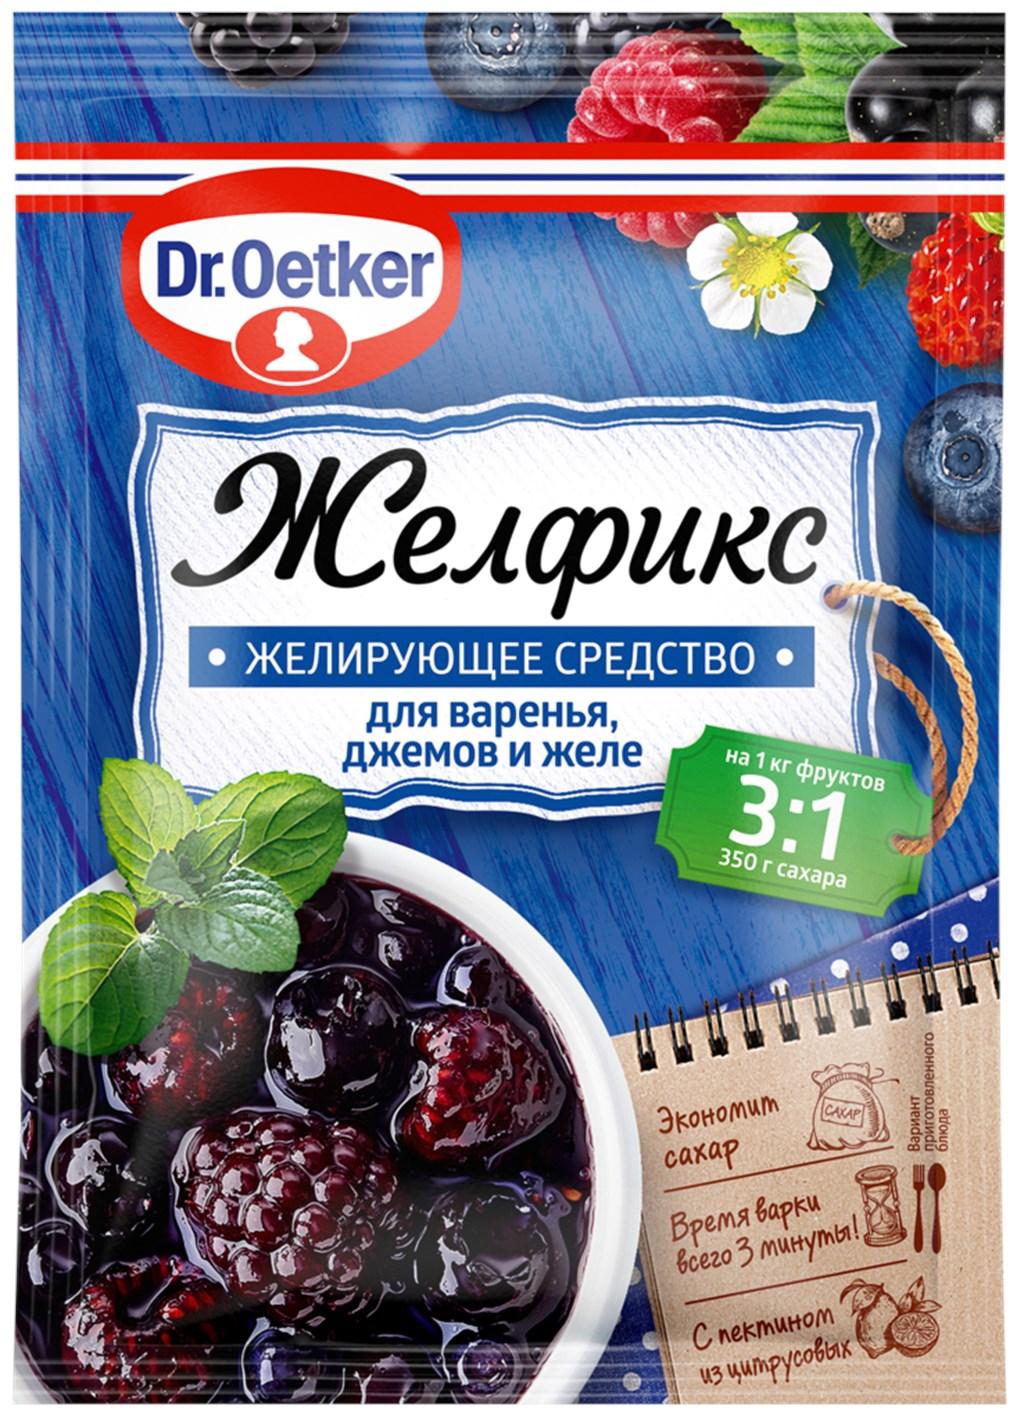 Желирующее средство (желфикс) для варенья, джемов и желе 3:1, Dr.Oetker, 25 г.